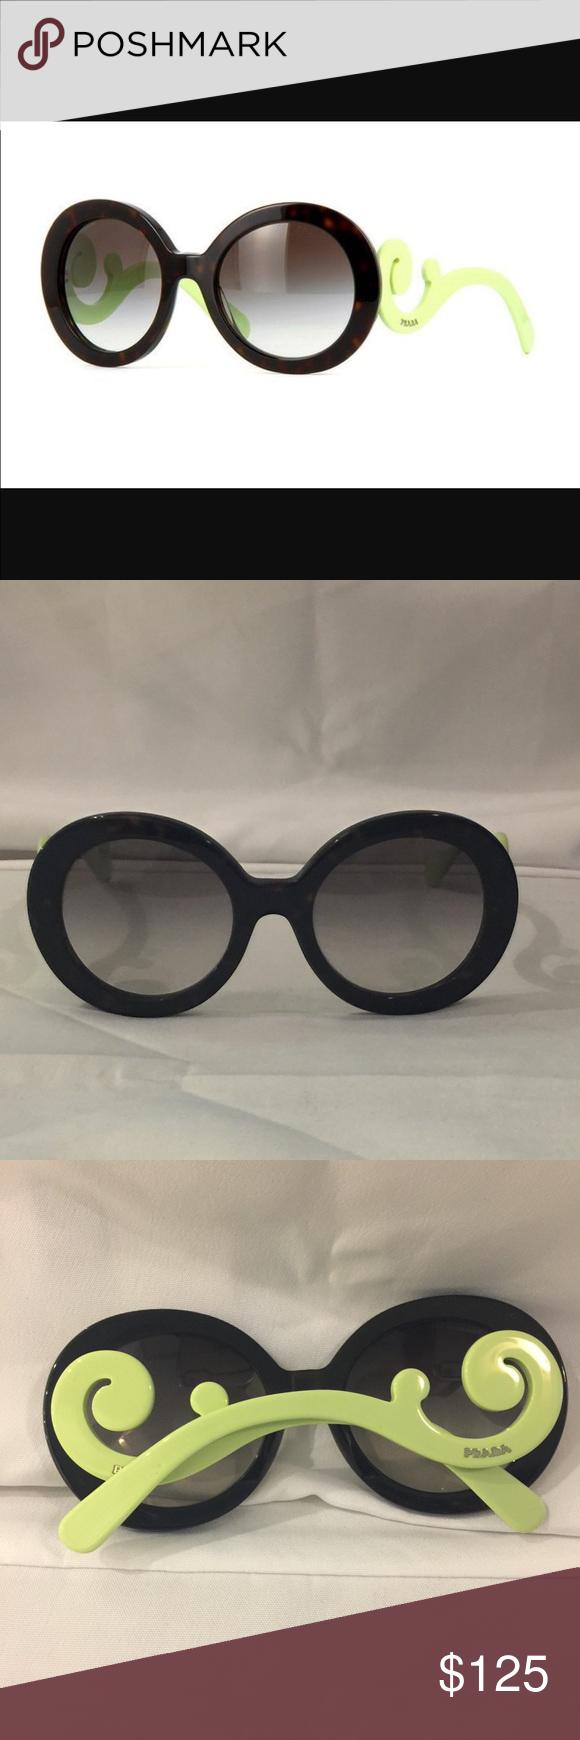 8899a7b2bb3 ... cheap promo code for prada sunglasses green arms f8ea8 3052a 2a000 a8065